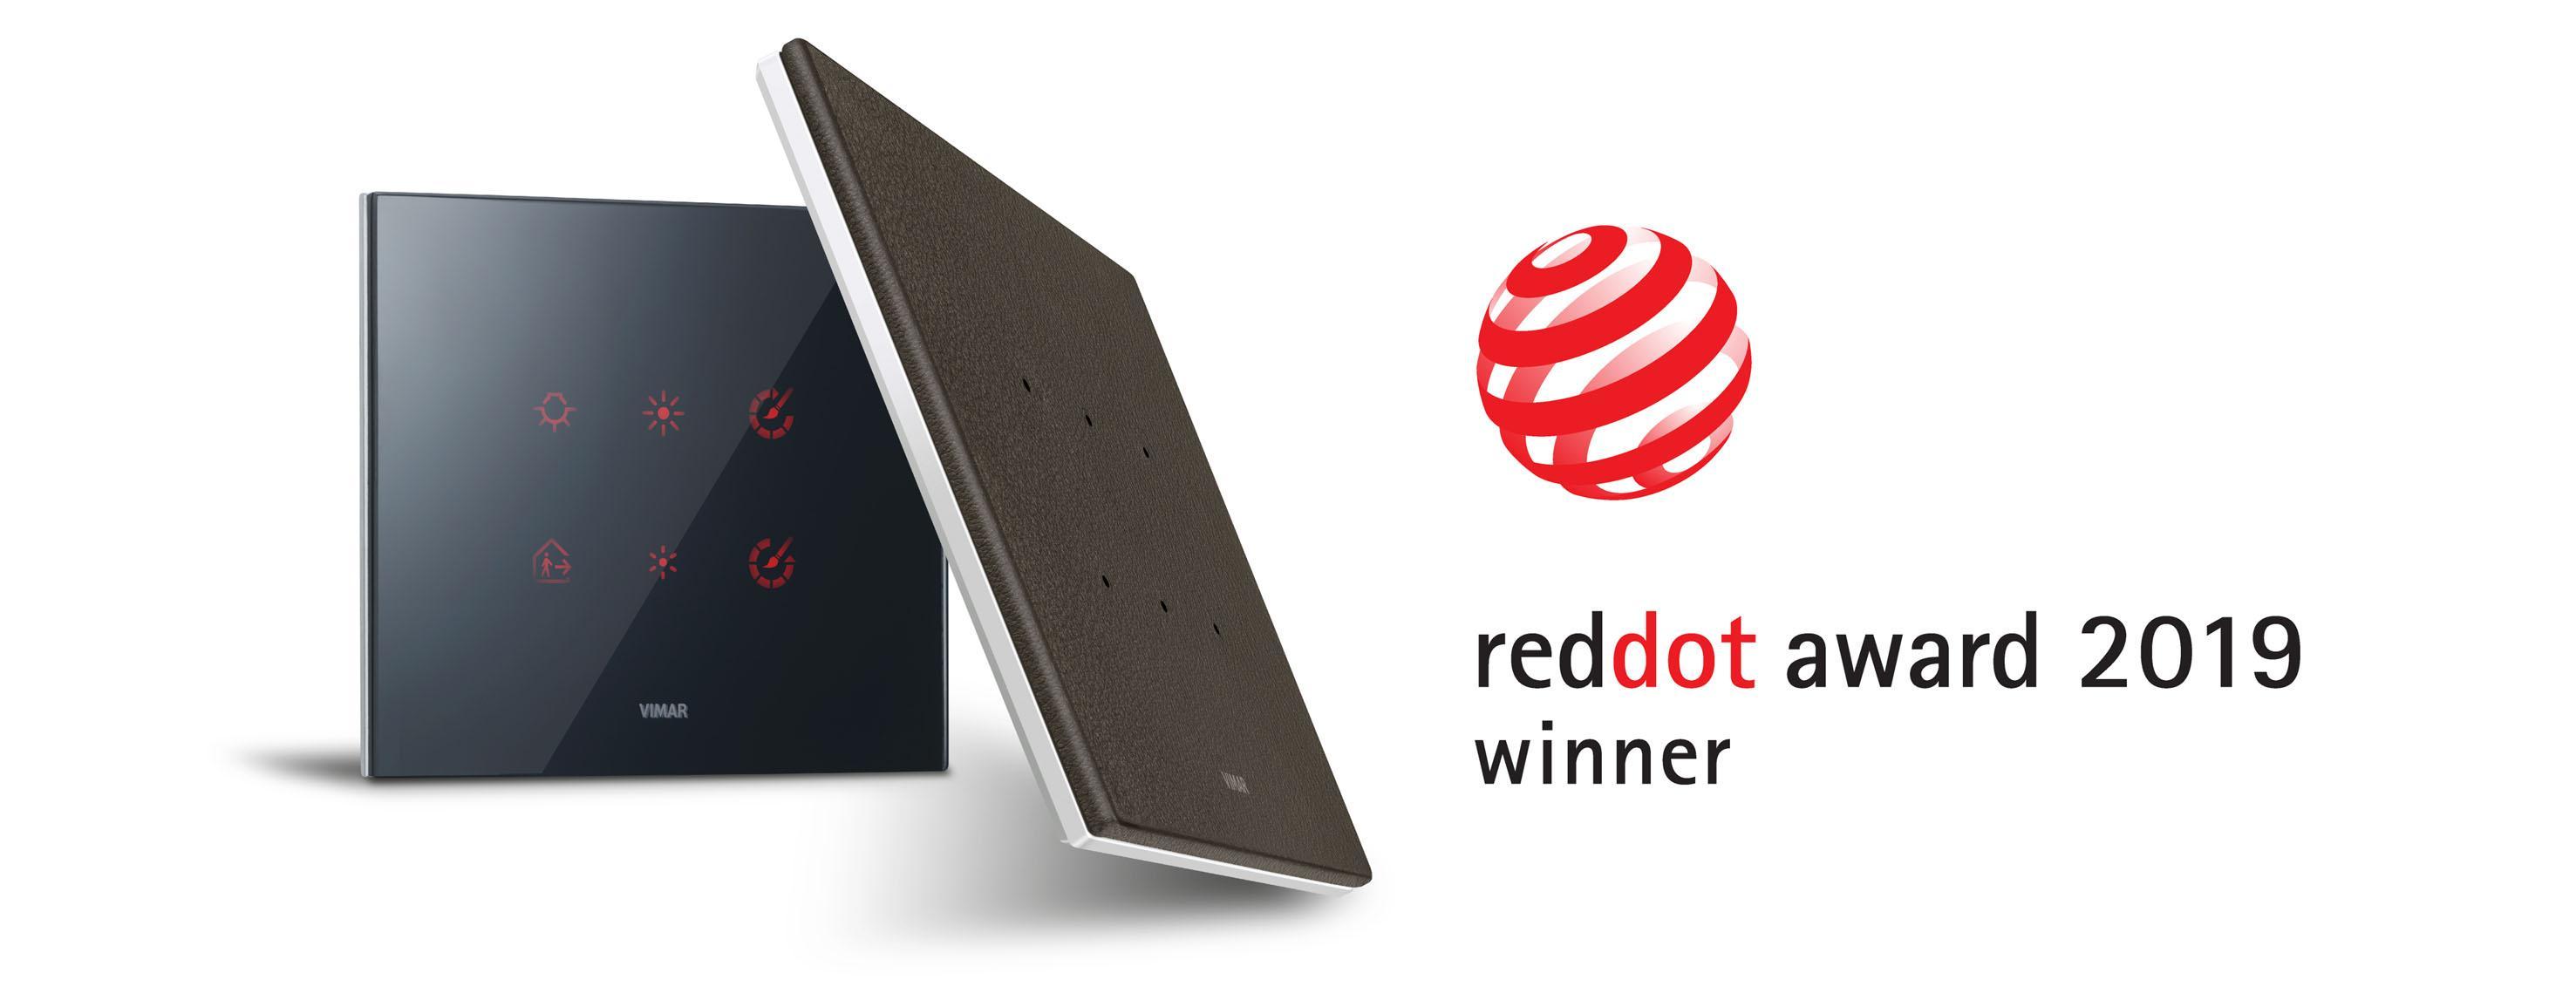 Design di Vimar premiato con il Red Dot Award 2019 per la